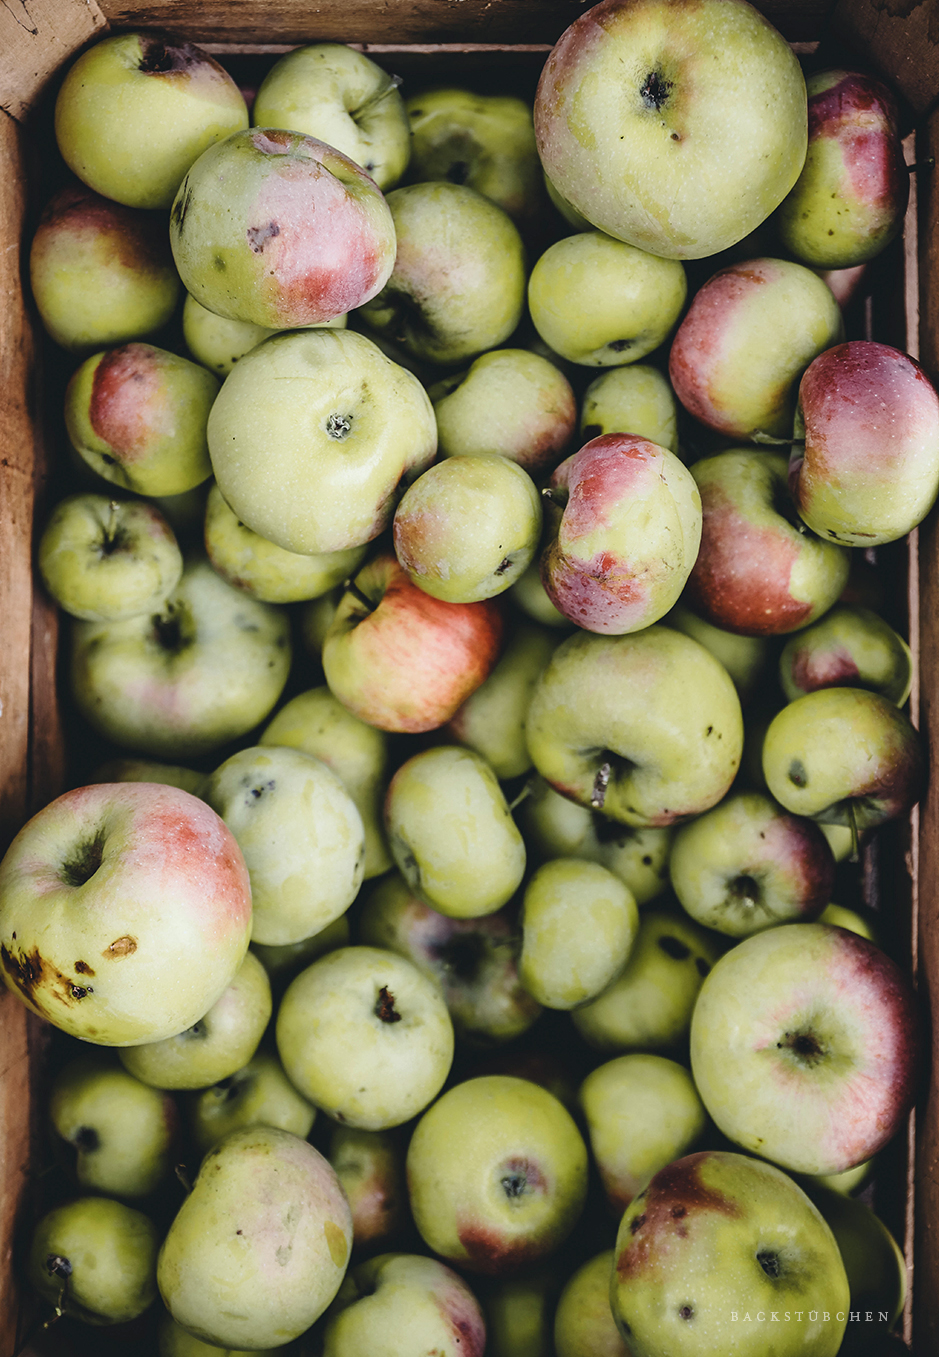 äpfel von oben